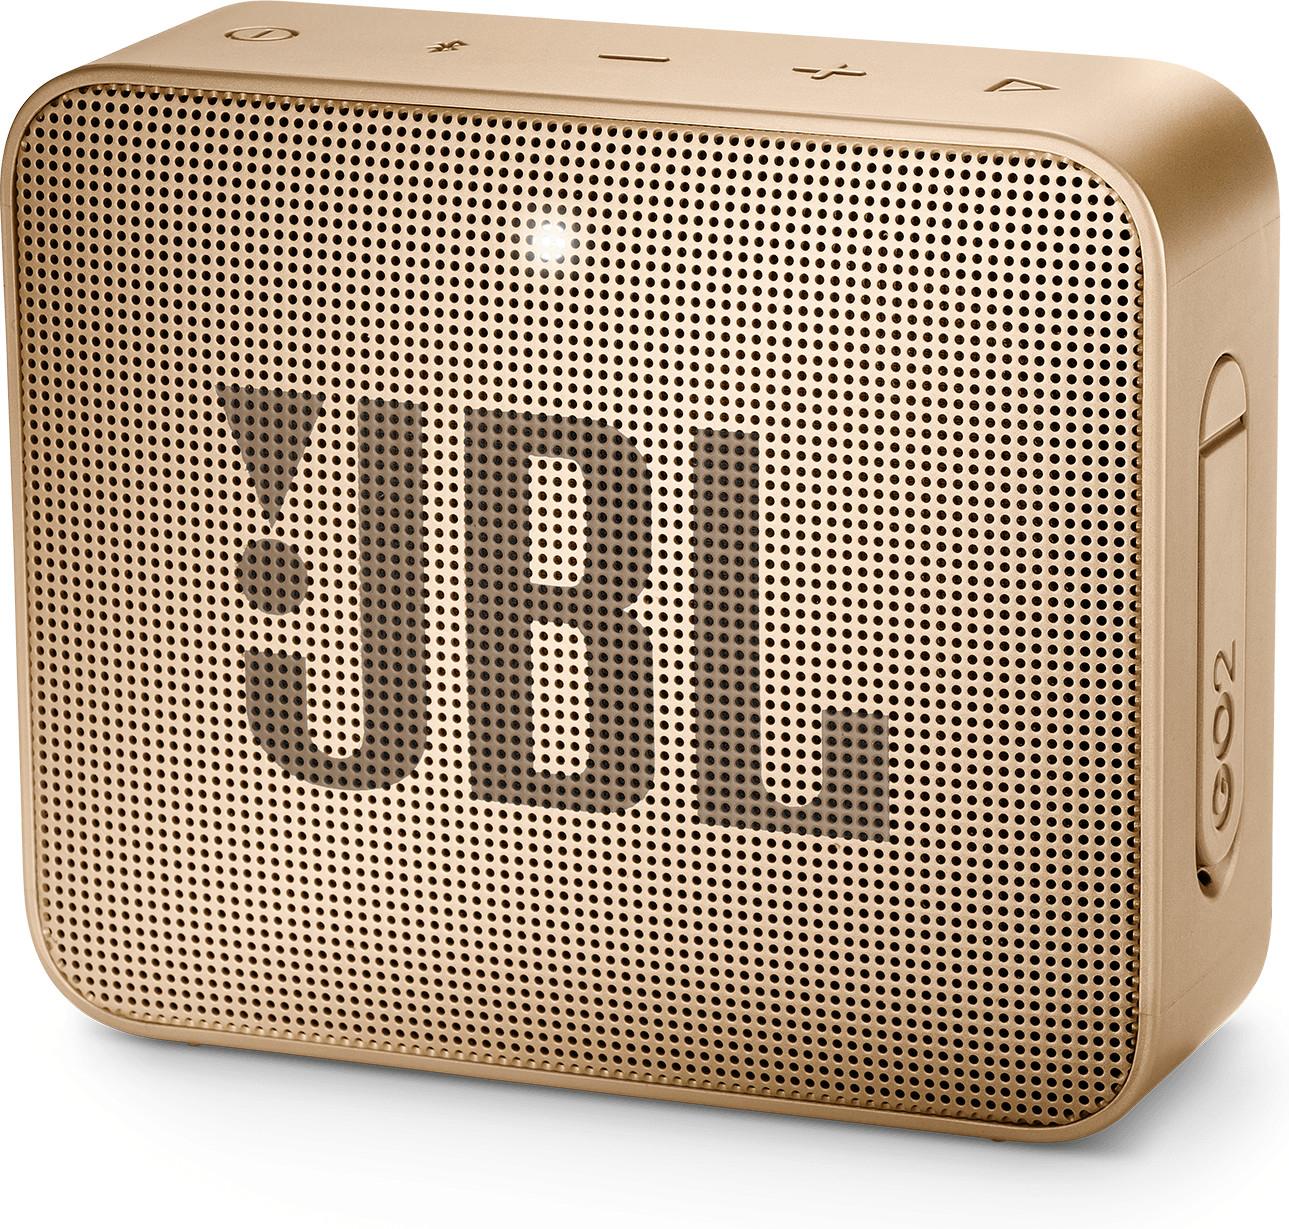 Enceinte Bluetooth JBL Go 2 - champagne (Vendeur tiers, frais de port inclus)